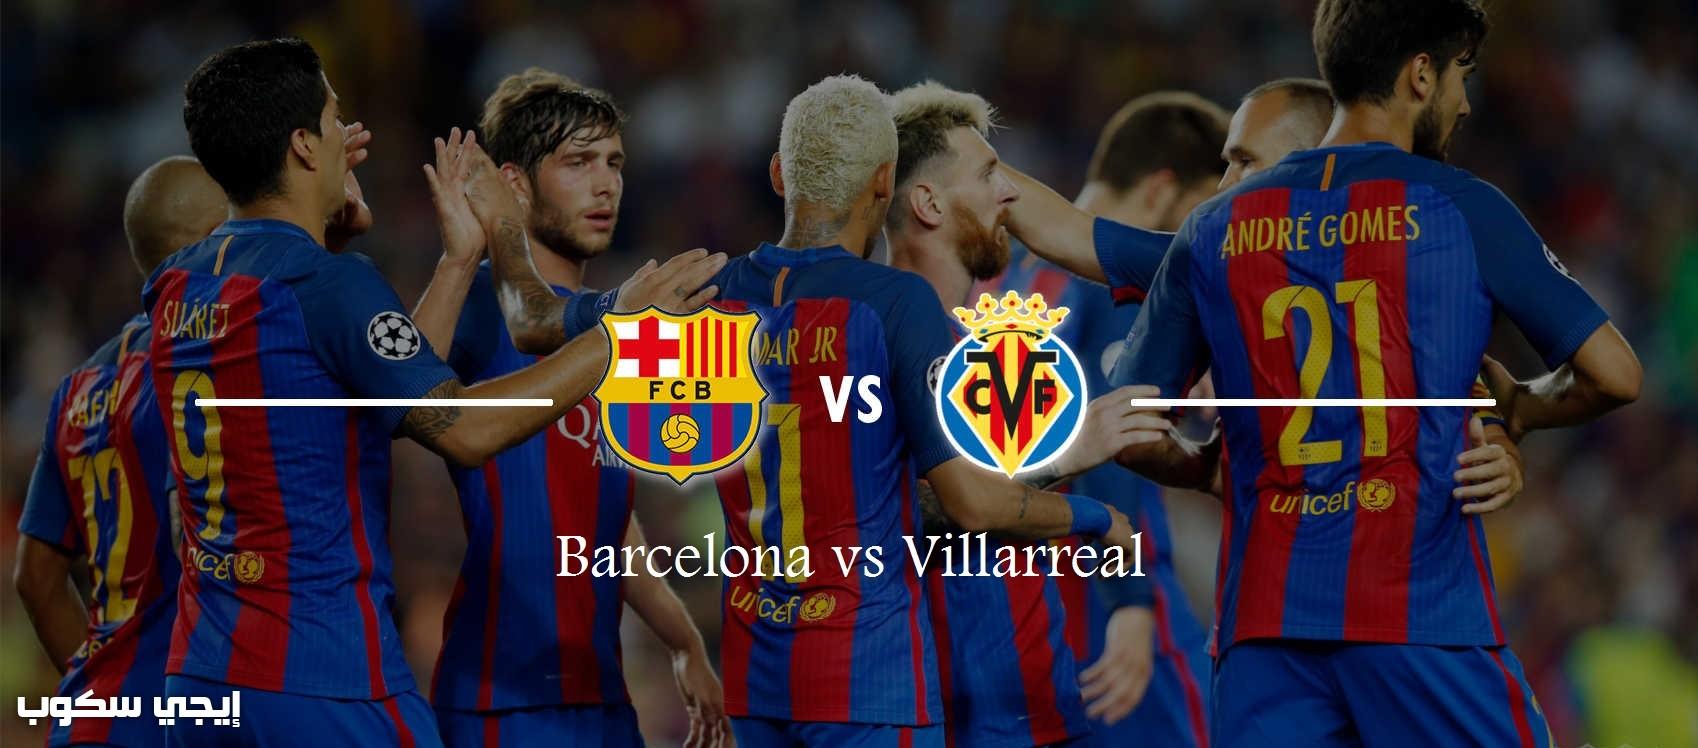 موعد مباراة برشلونة وفياريال غدا السبت 6-5-2017 والقنوات المجانية الناقلة فى الدورى الاسبانى - إيجي سكوب